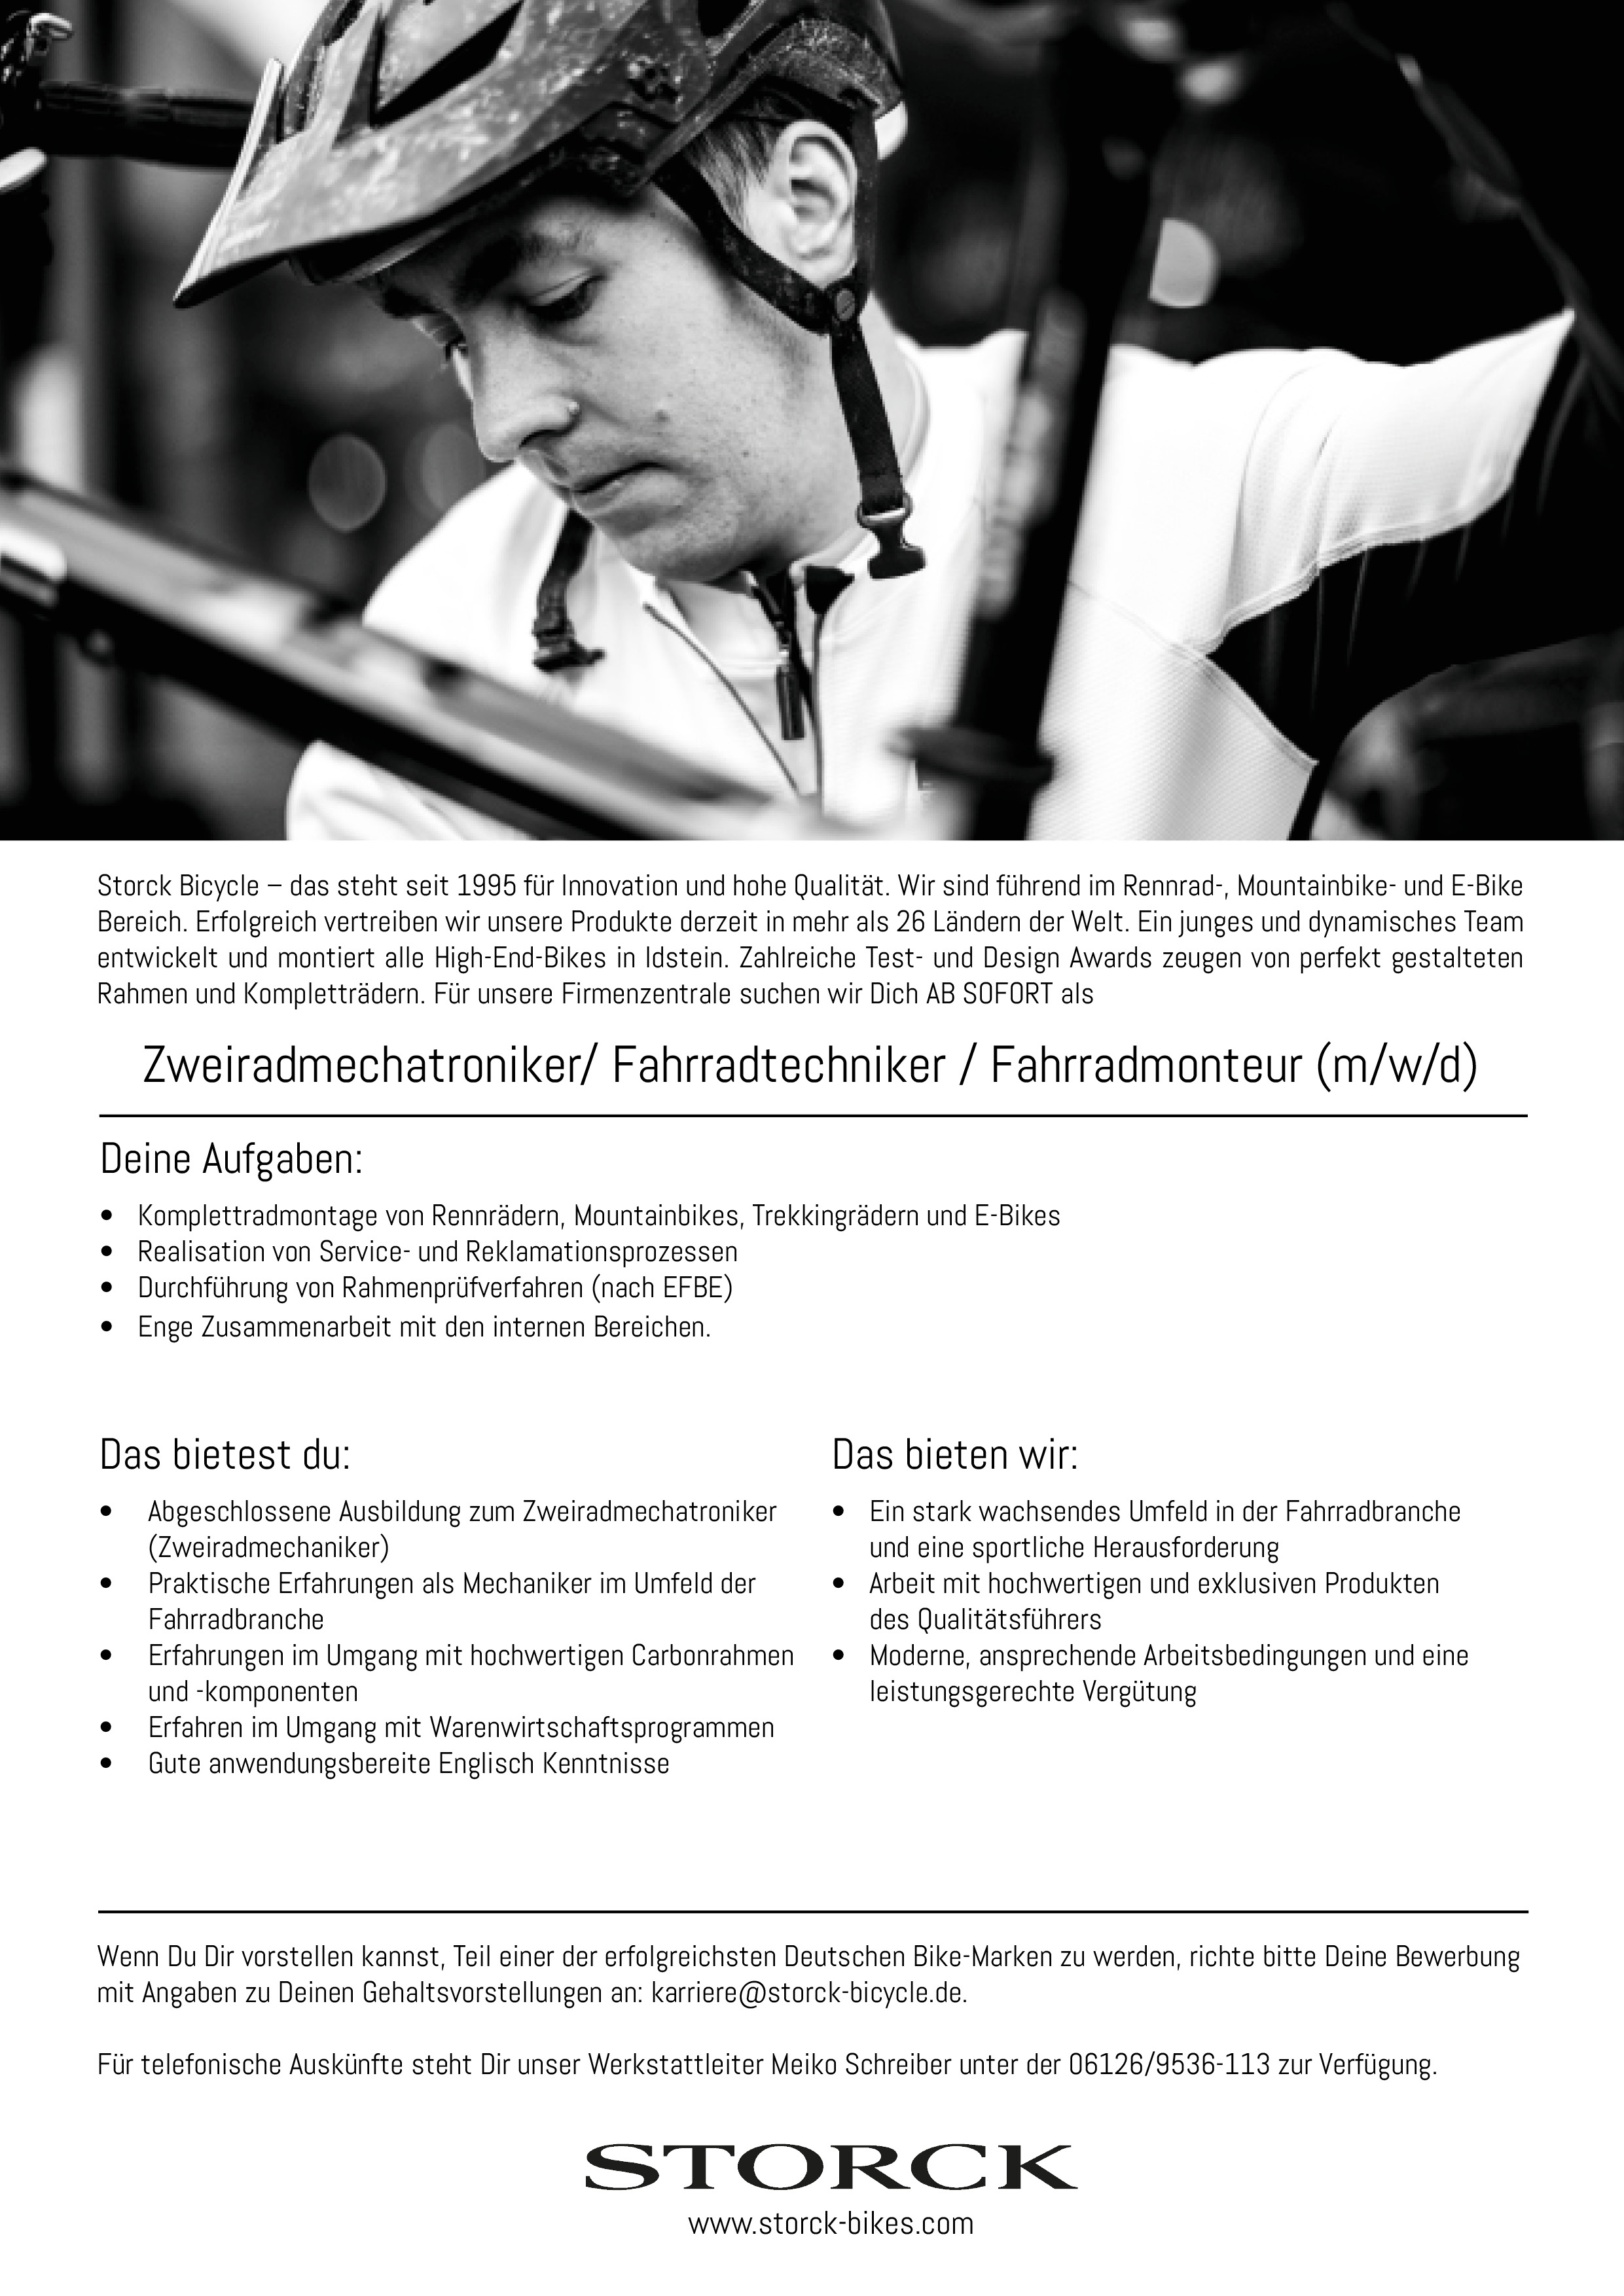 Zweiradmechatroniker/ Fahrradtechniker / Fahrradmonteur (m/w/d)